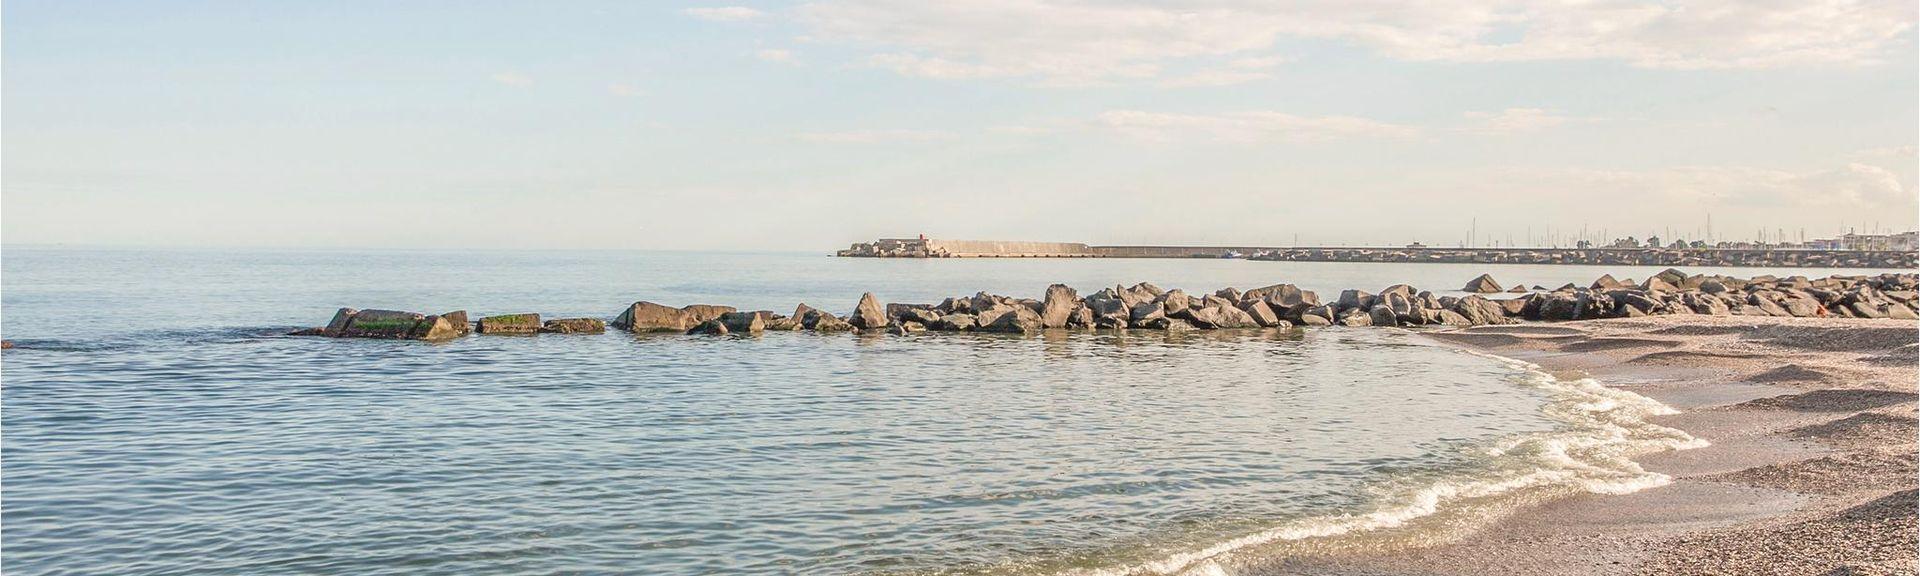 Barrafranca, Sisilia, Italia